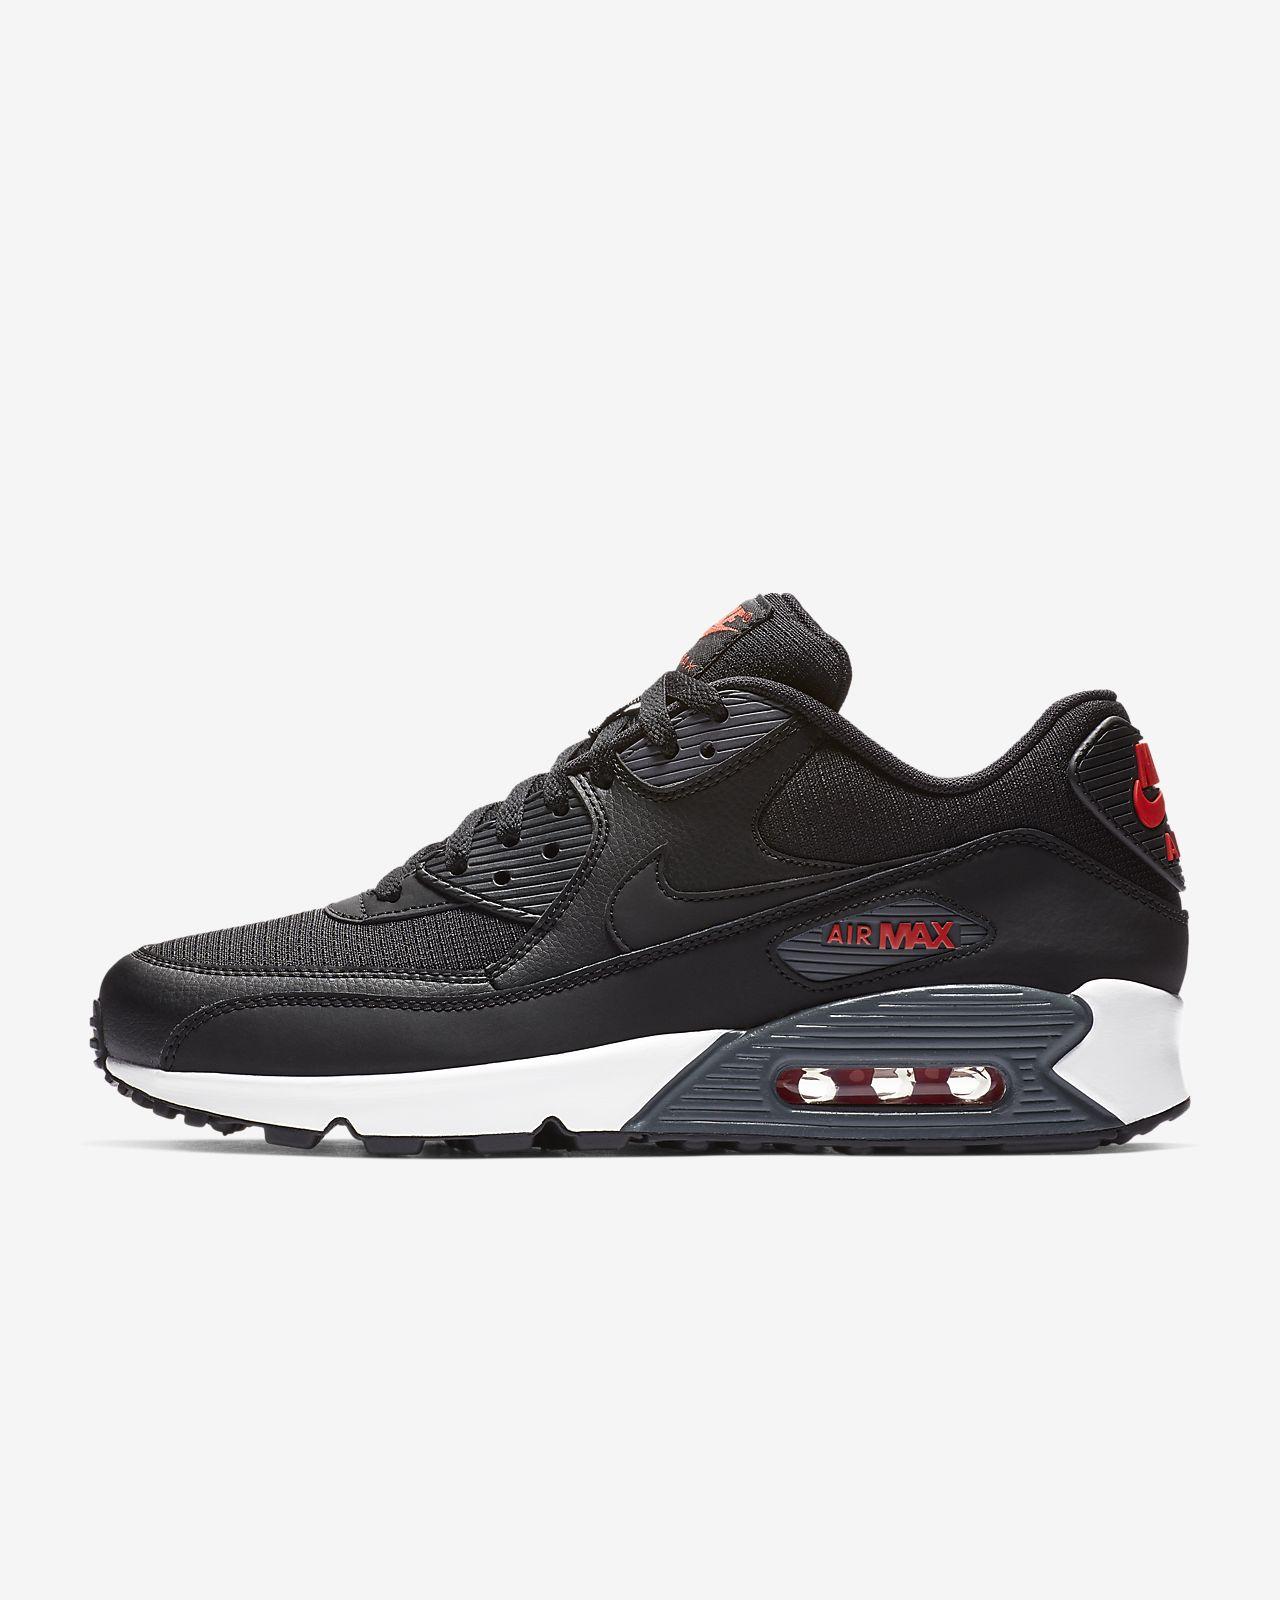 online store 5da23 4f4ad ... Nike Air Max 90 SE-sko til mænd